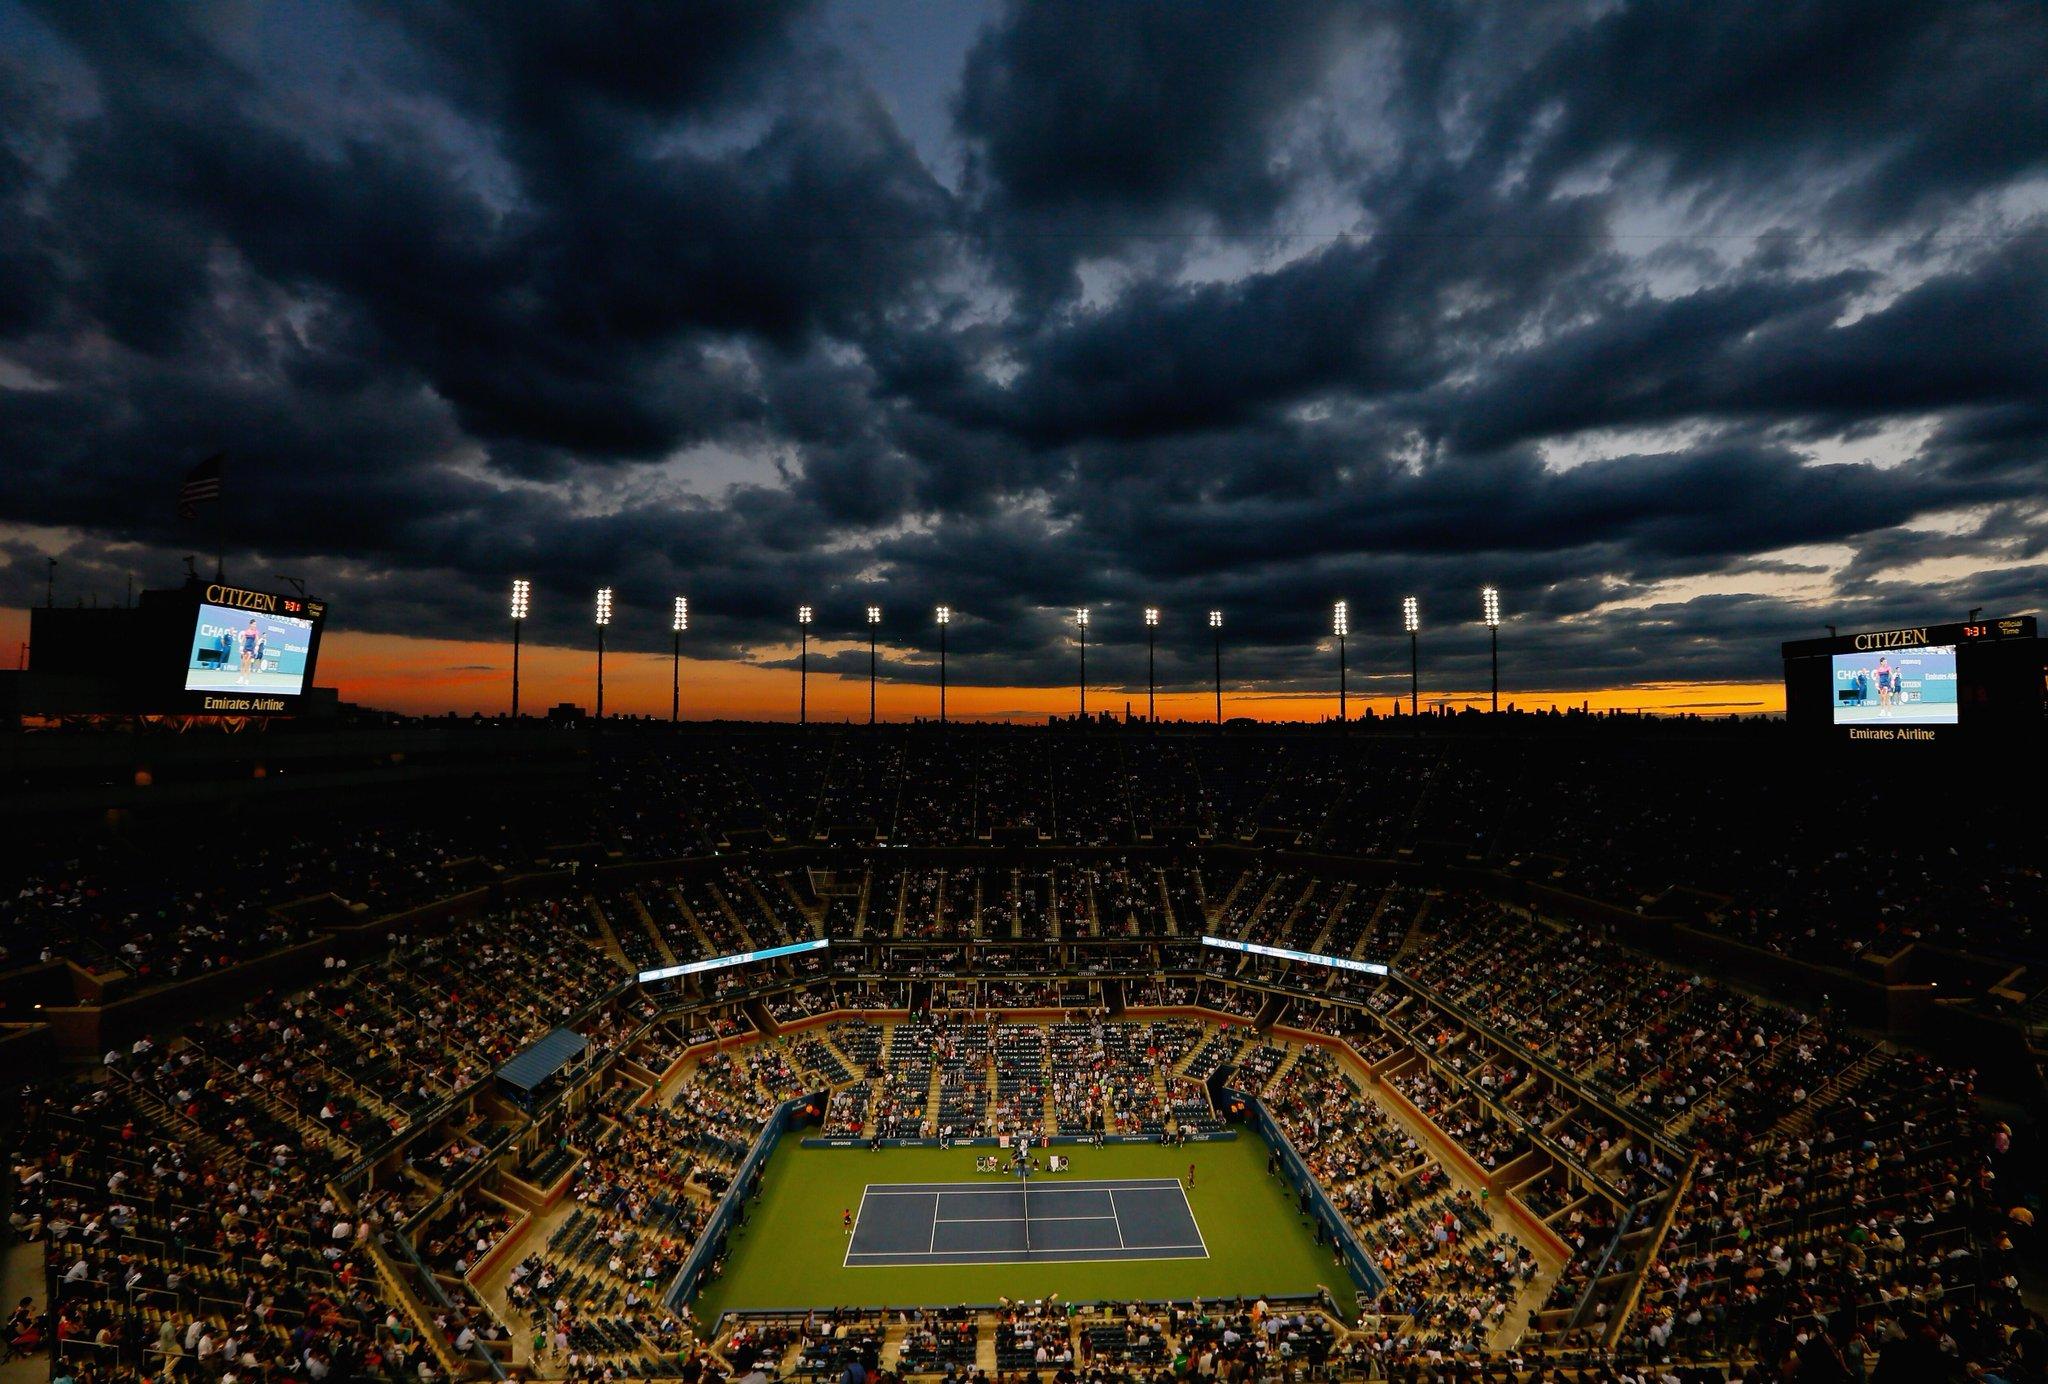 Le ciel de New York, durant le match Williams - Suarez. Magnifique. #USOpen http://t.co/HdNr9YBUyt